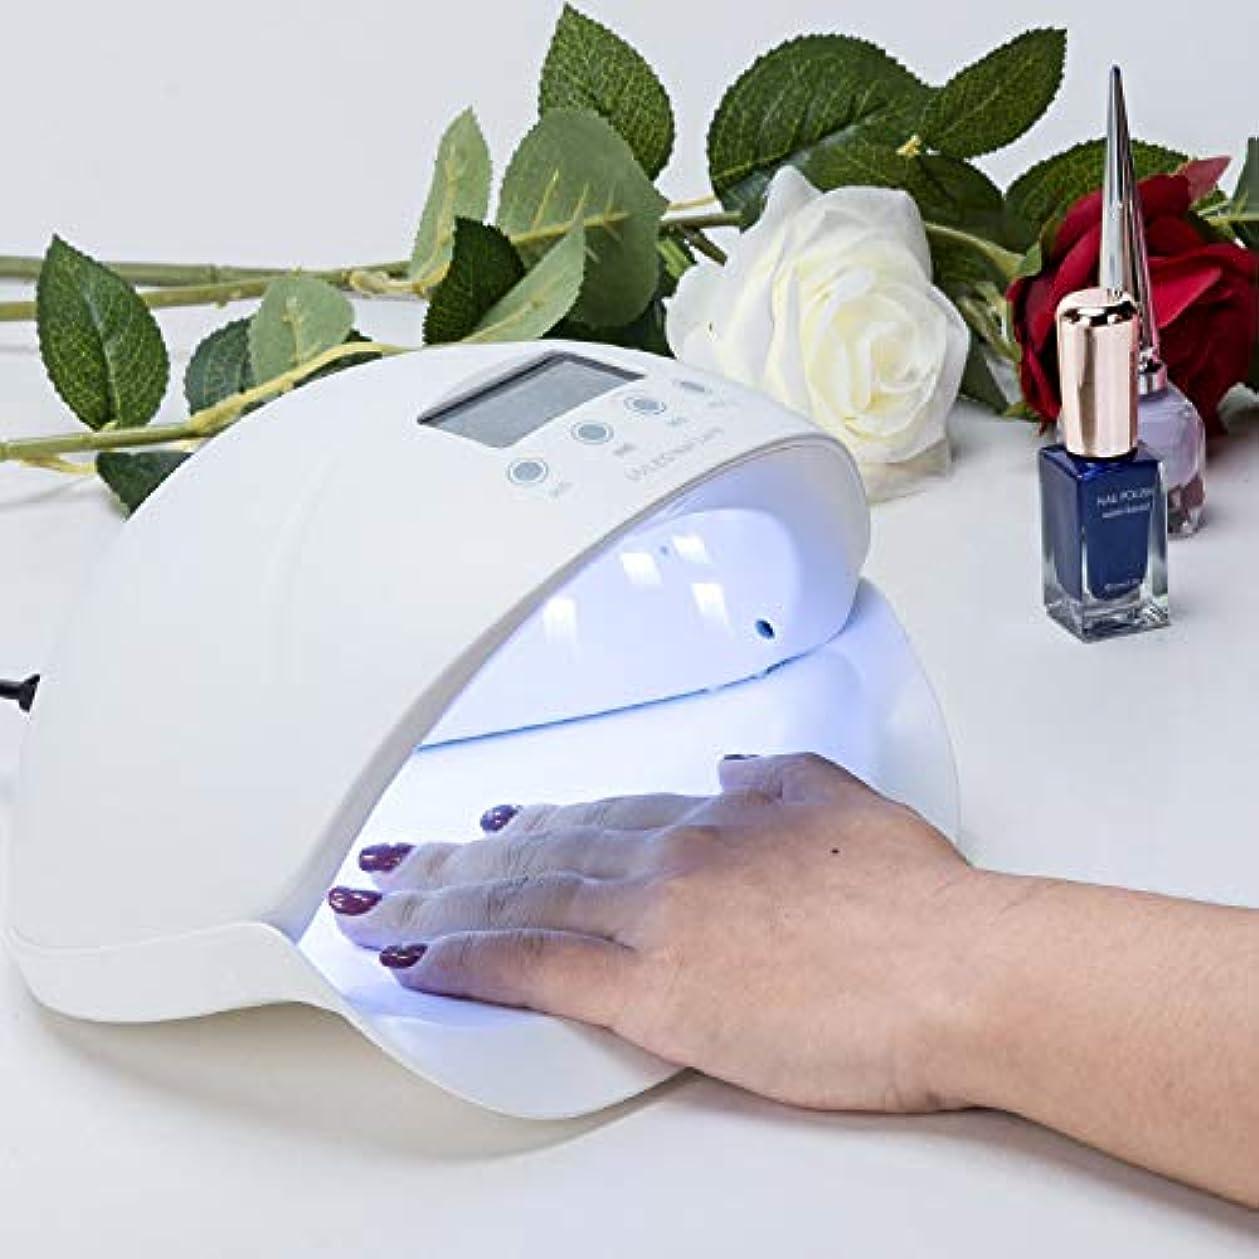 バスタブ葉っぱインセンティブLoritar(ロリター)ジェルネイルドライヤー 硬化ライト UV と LEDダブルライト 手足両用 赤外線検知 タイマー三段階設定可50W 美白機能 日本語の説明書付き